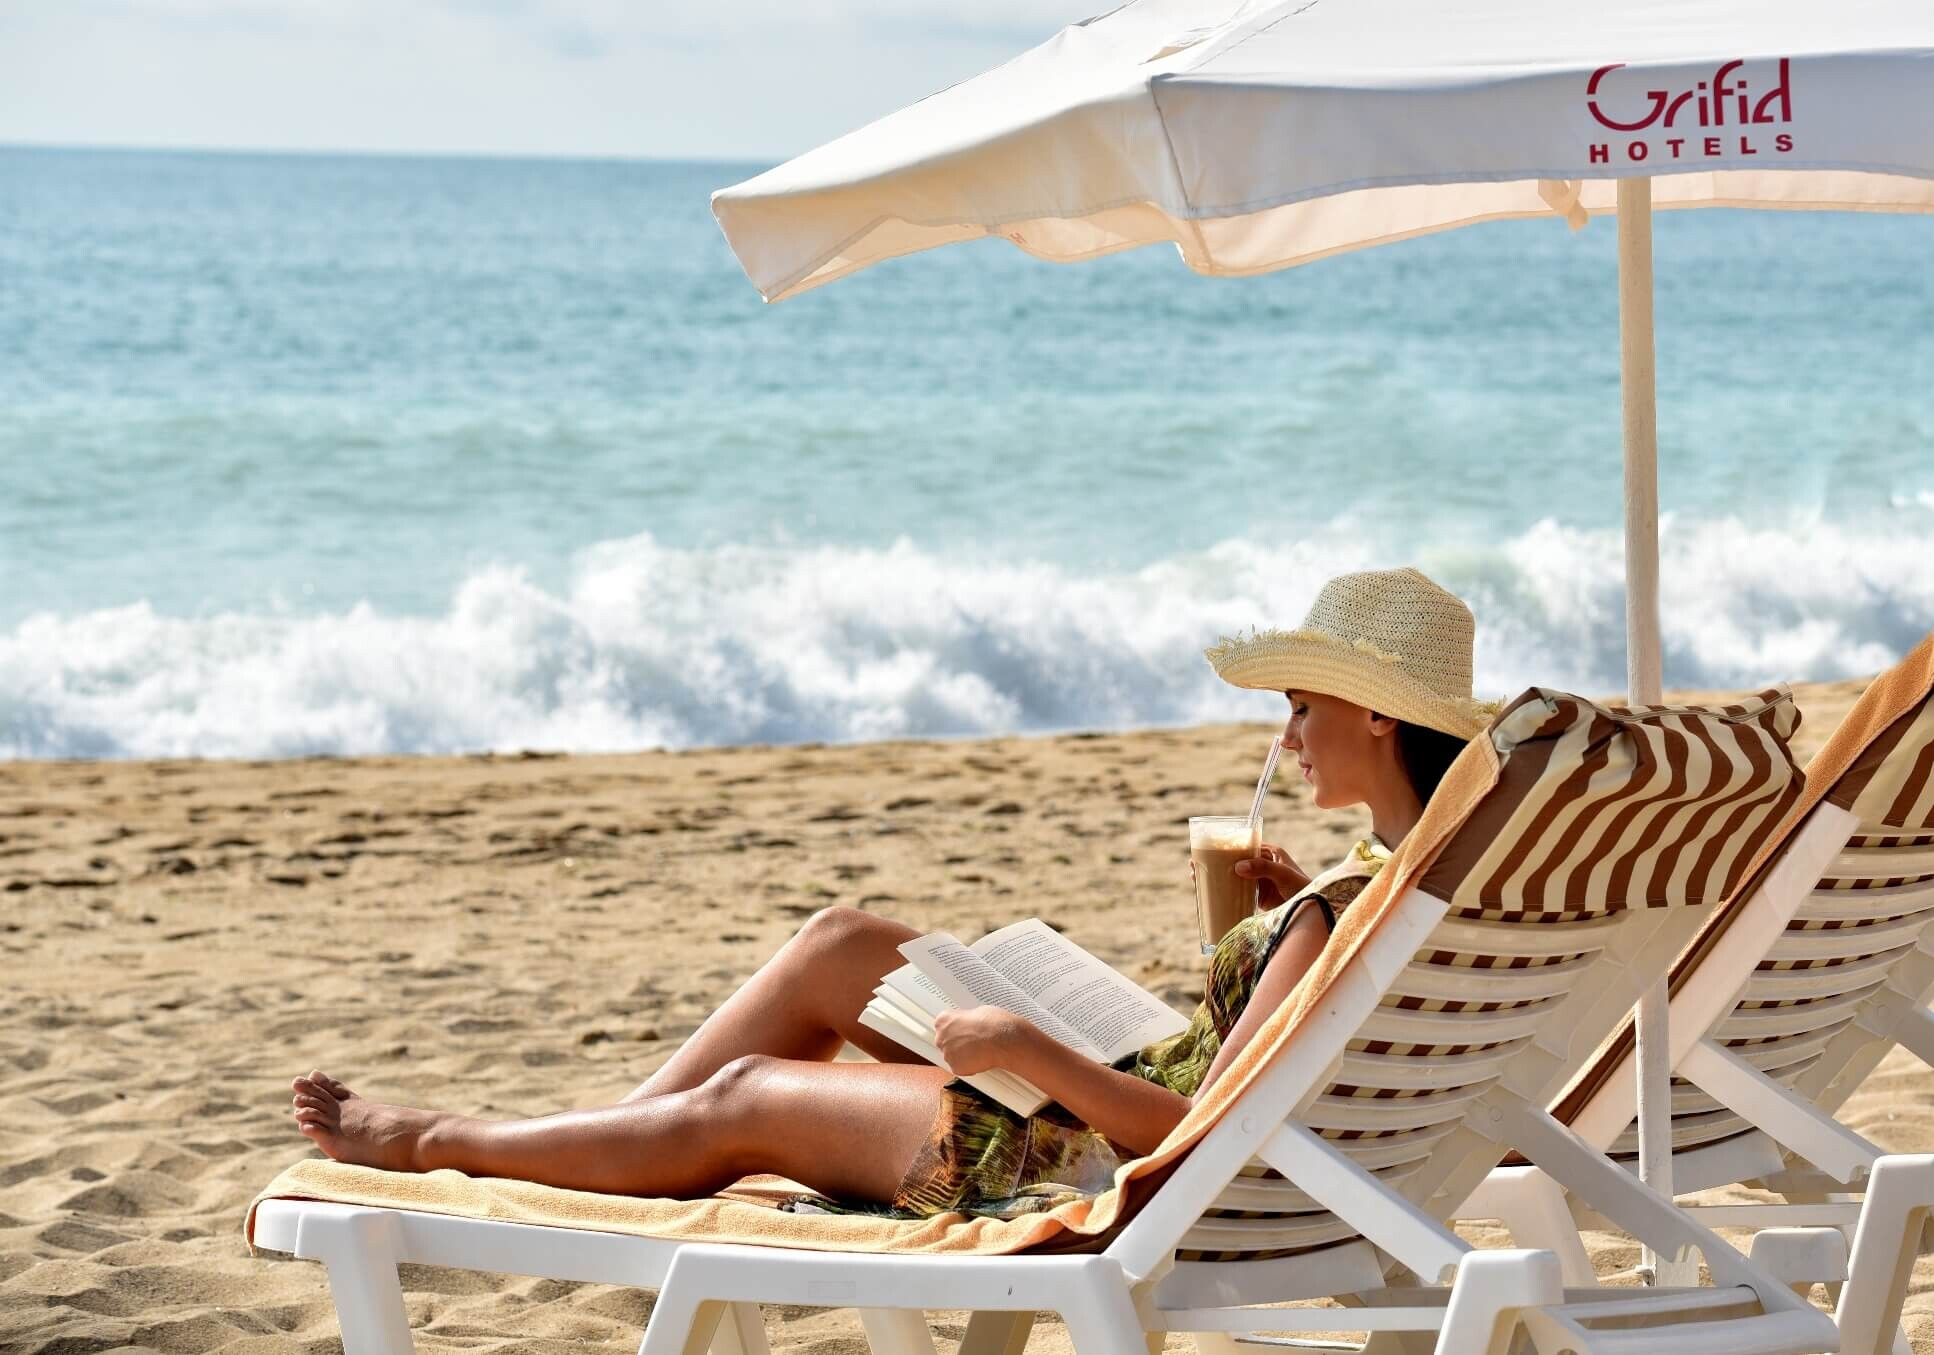 Грифид Хотел Болеро - плаж